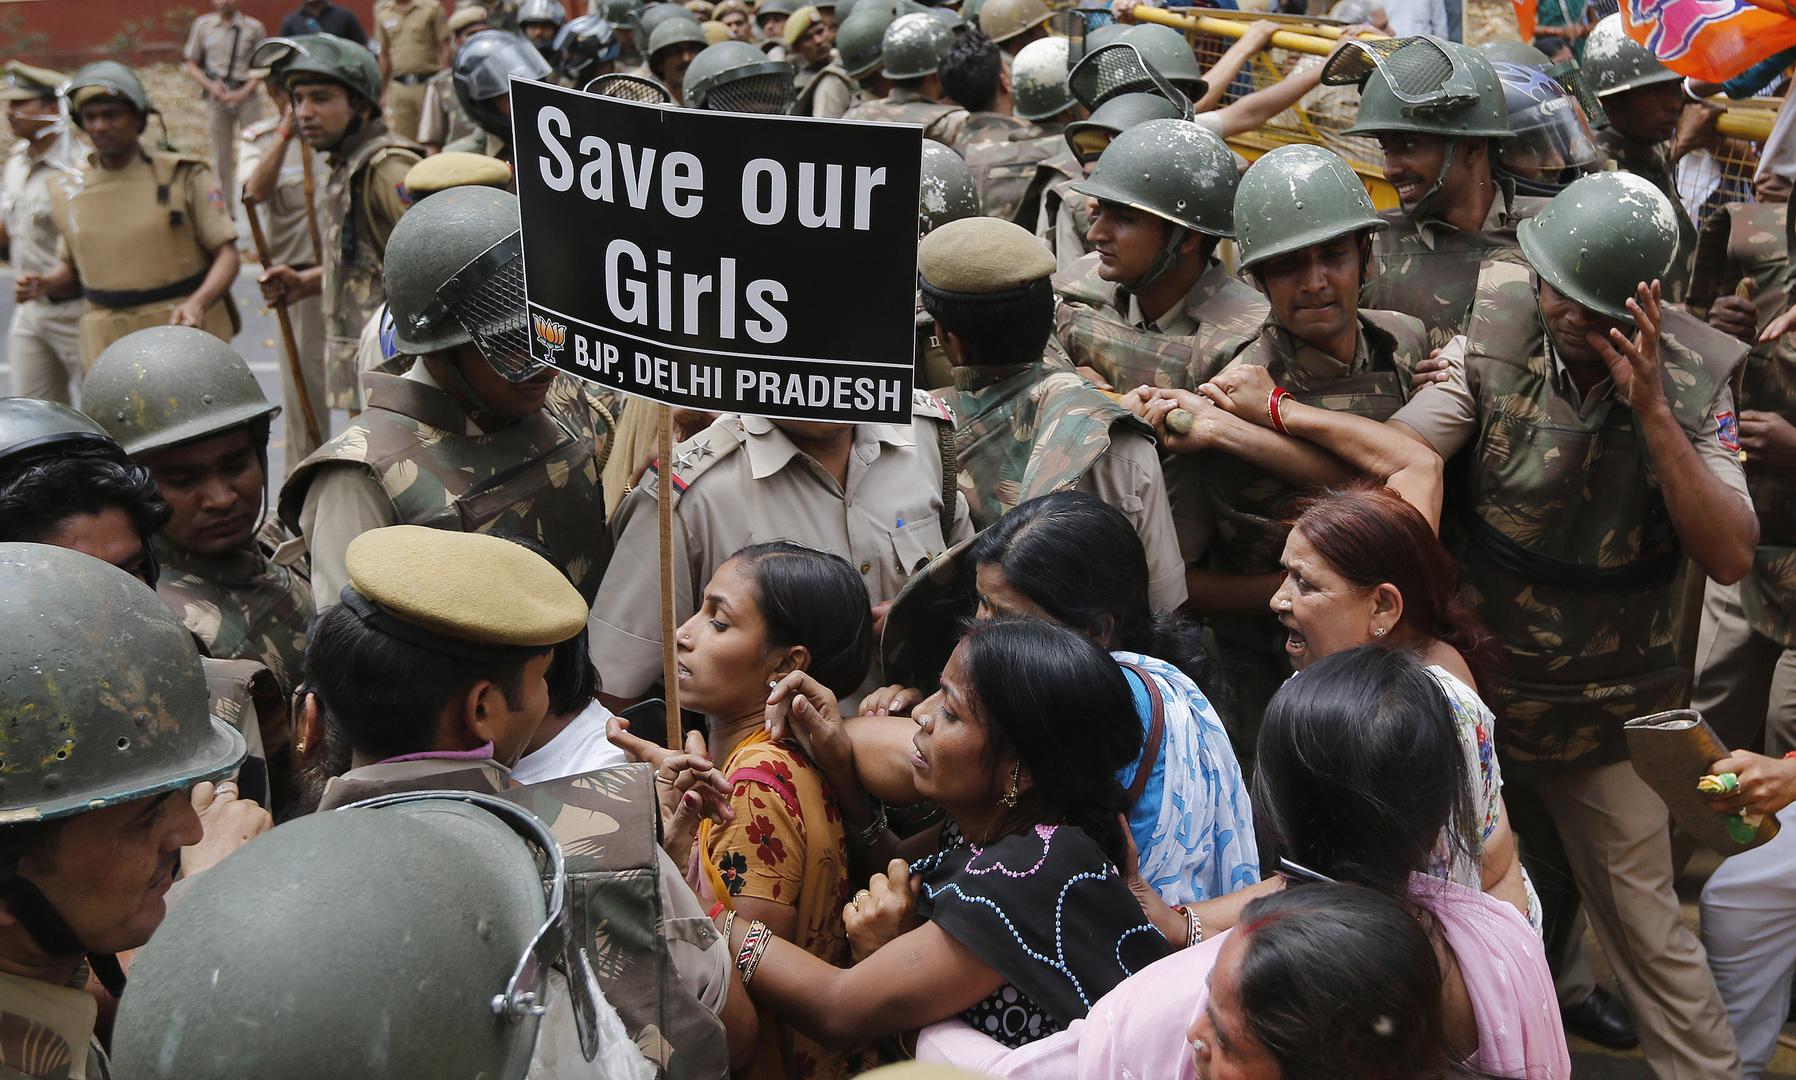 الهند.. قتل فتاة وتعليق جثتها بسبب بنطال